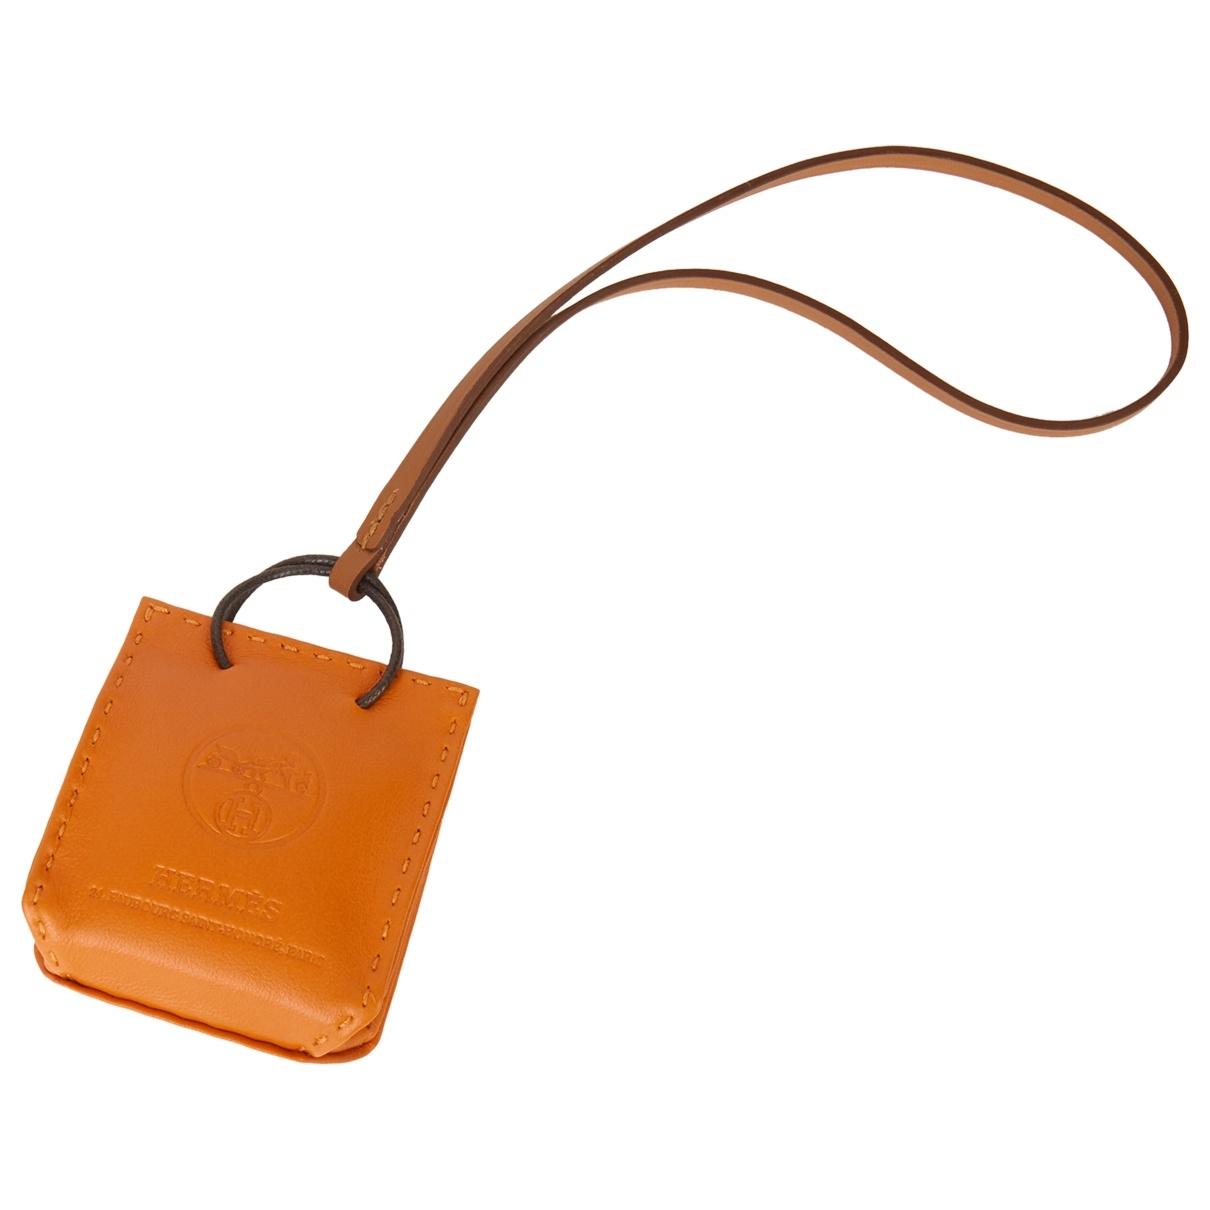 Hermes Shopping bag charm Taschenschmuck in  Orange Leder